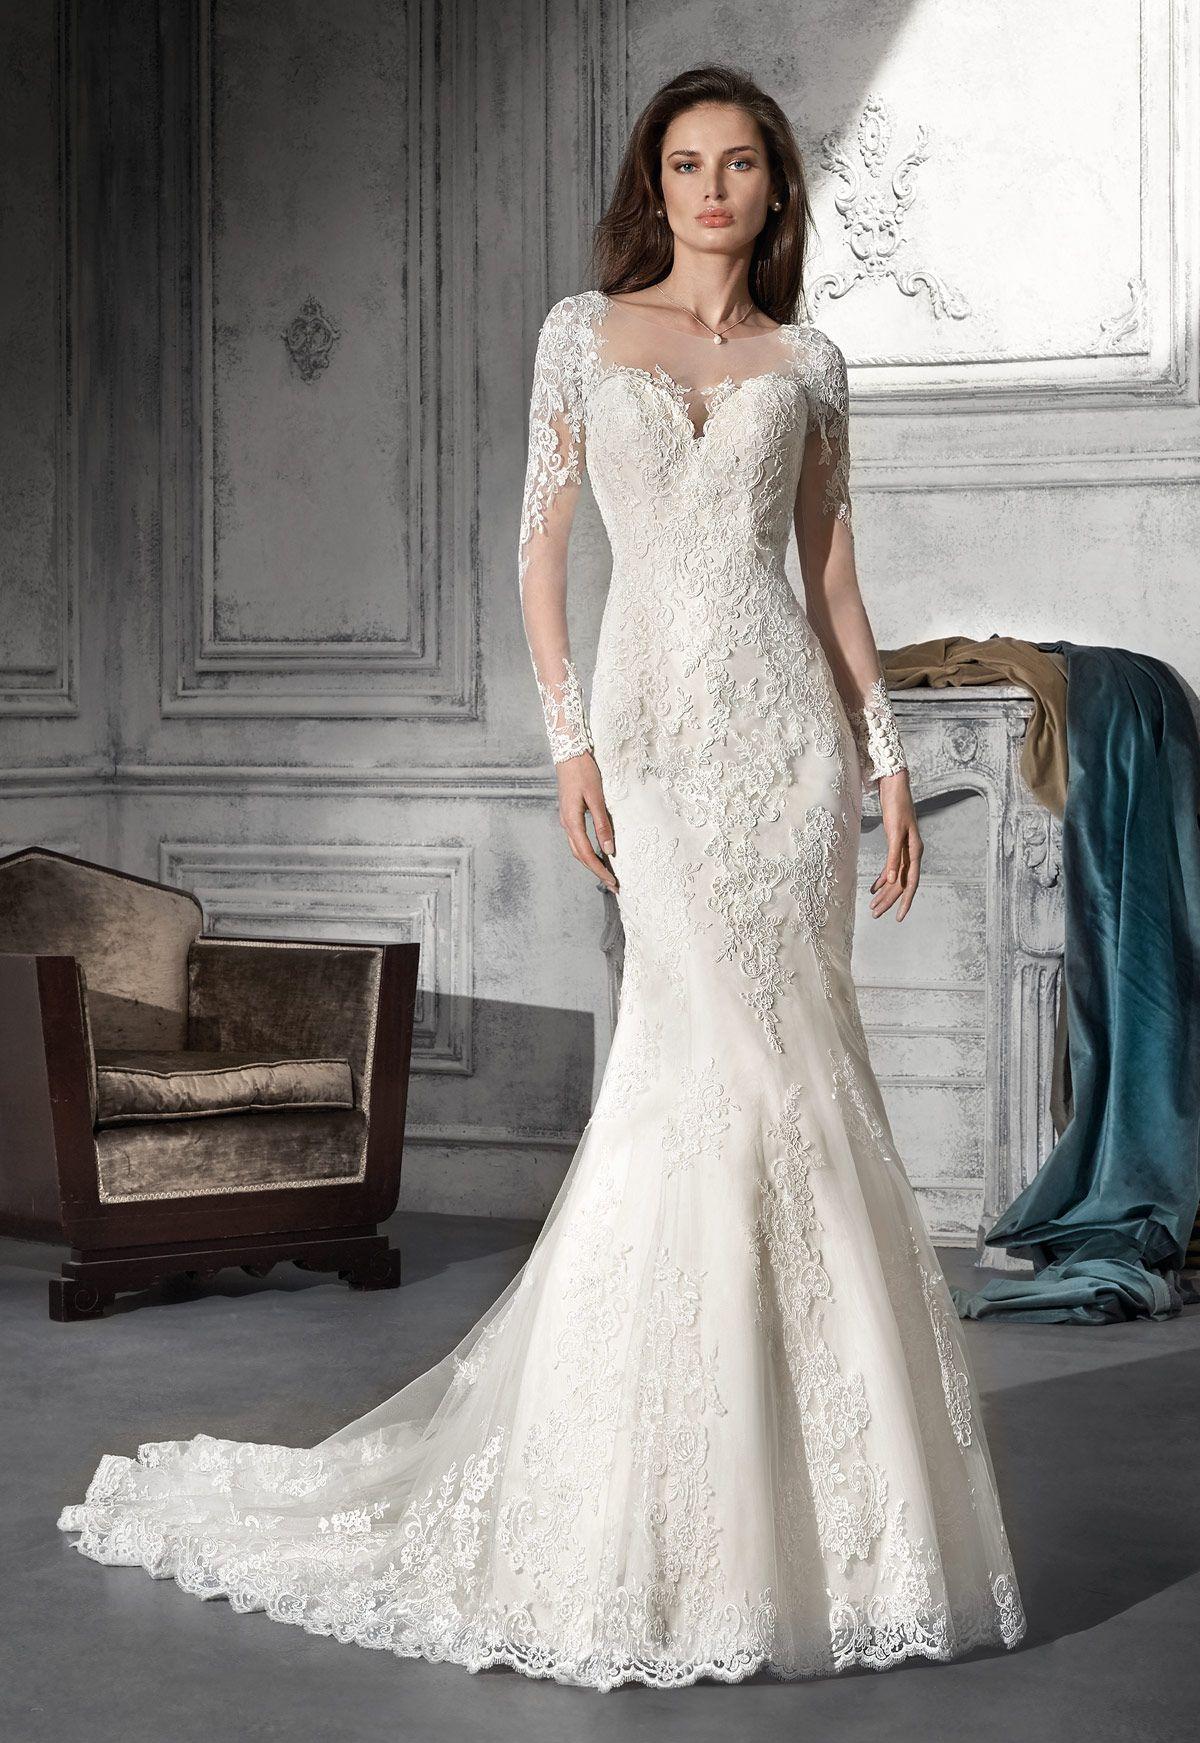 Tienda de vestidos de novia en Madrid de Demetrios colección 2018 ...